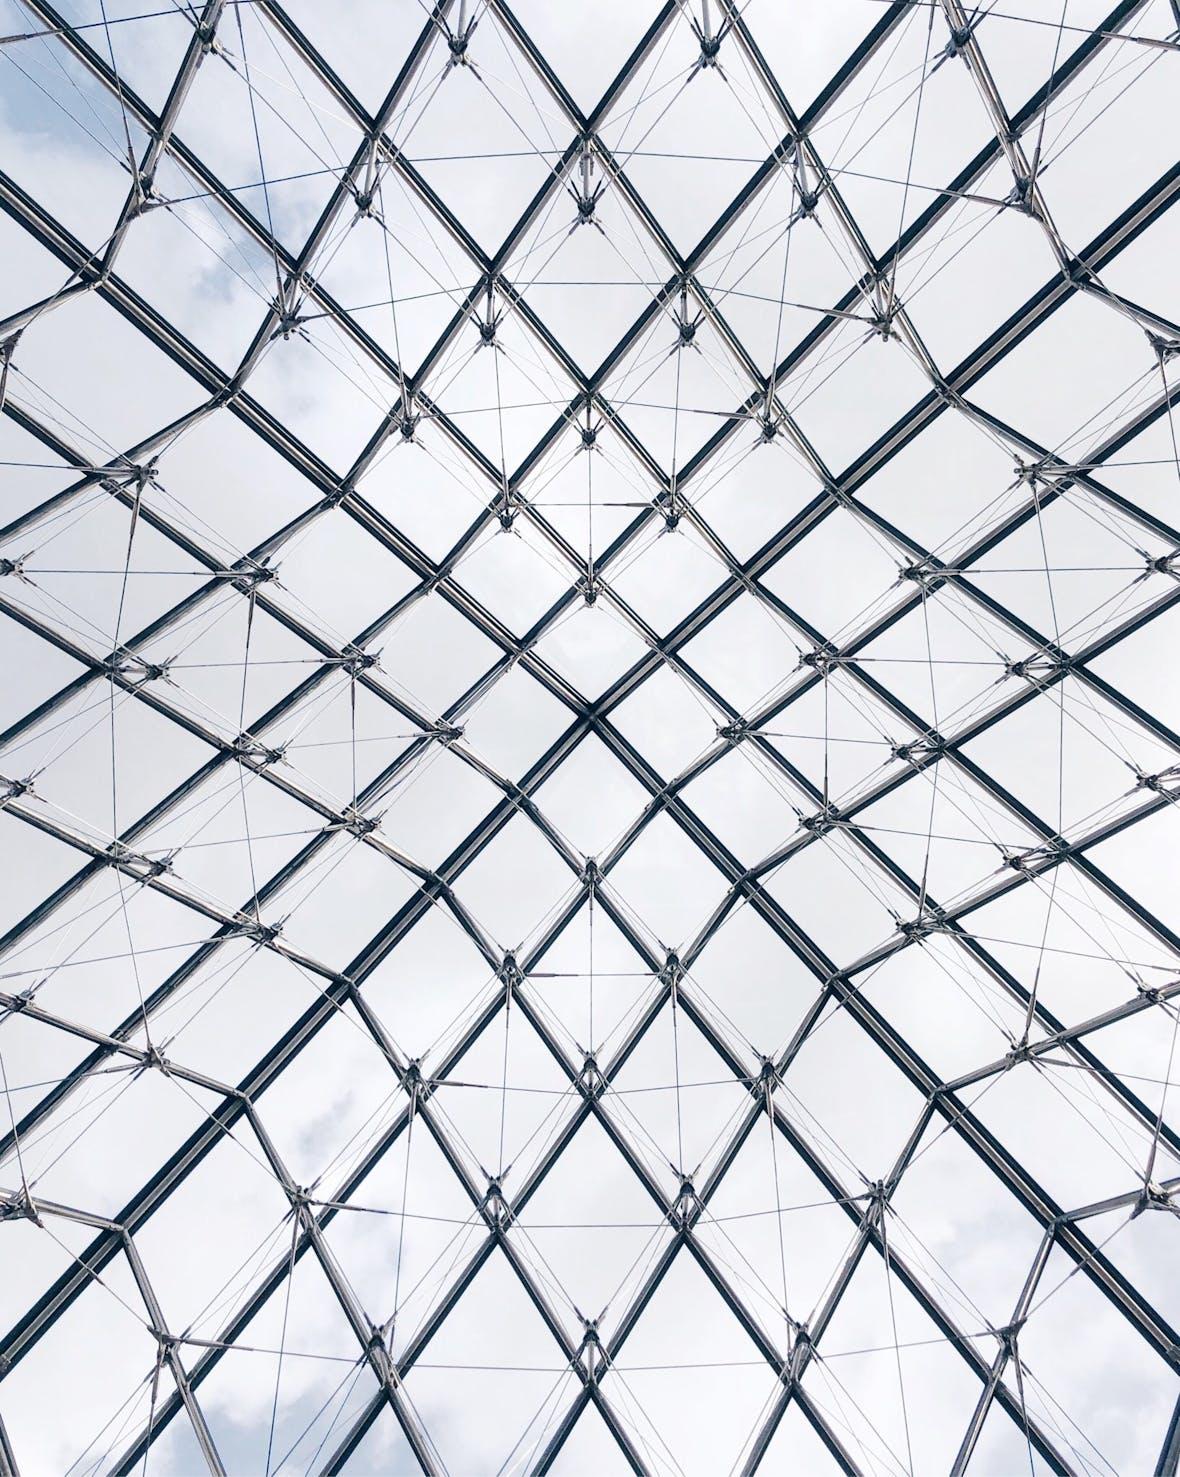 Dezentralisierung durch Blockchain: Wo liegt der Unterschied zum Internet?